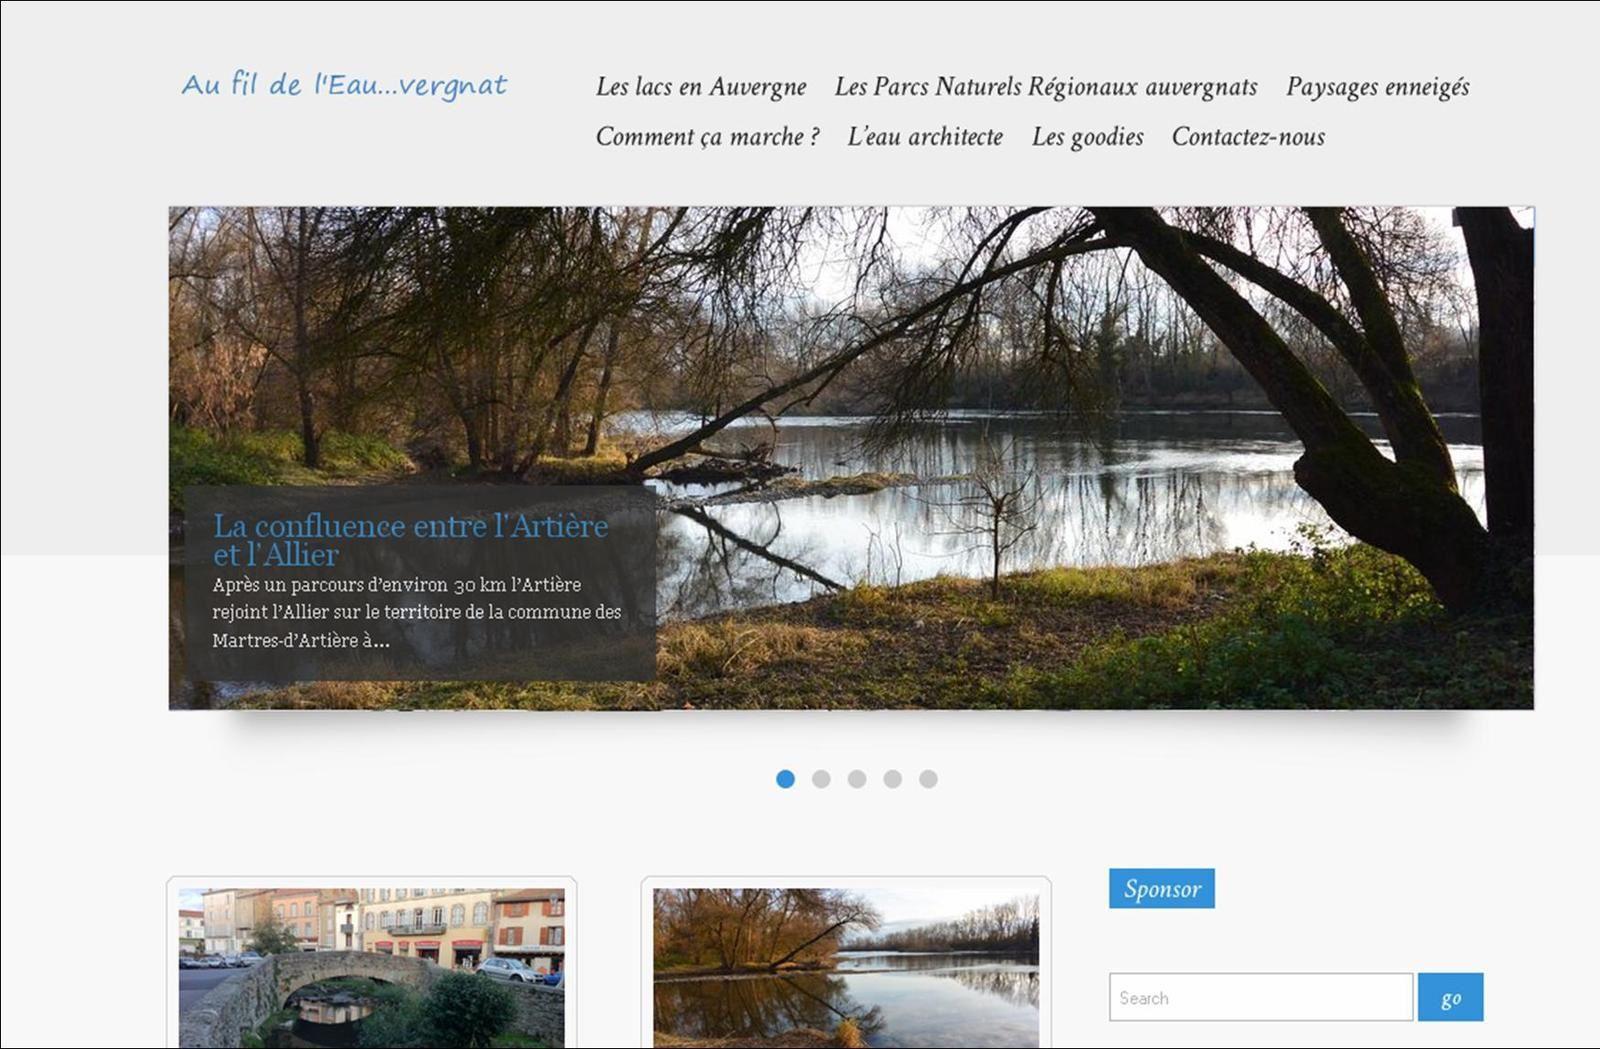 Ils parlent de l'Auvergne:  Eauvergnat